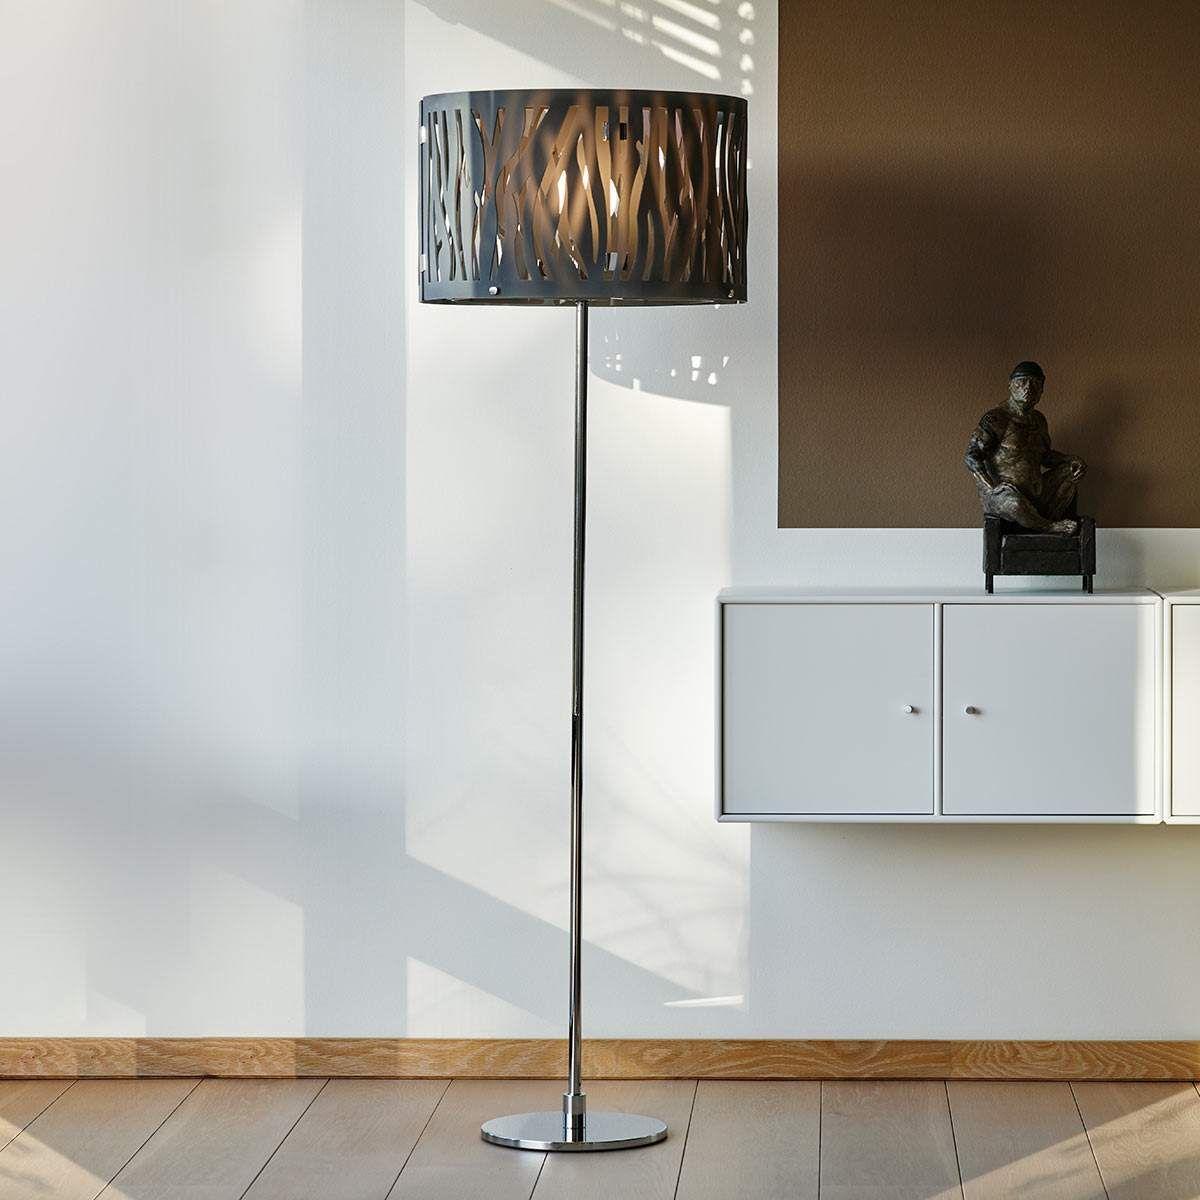 Stehleuchte Grass Mit Rauchgrauem Acrylschirm Mit Bildern Stehlampe Dimmbar Led Strahler Aussen Led Stehlampe